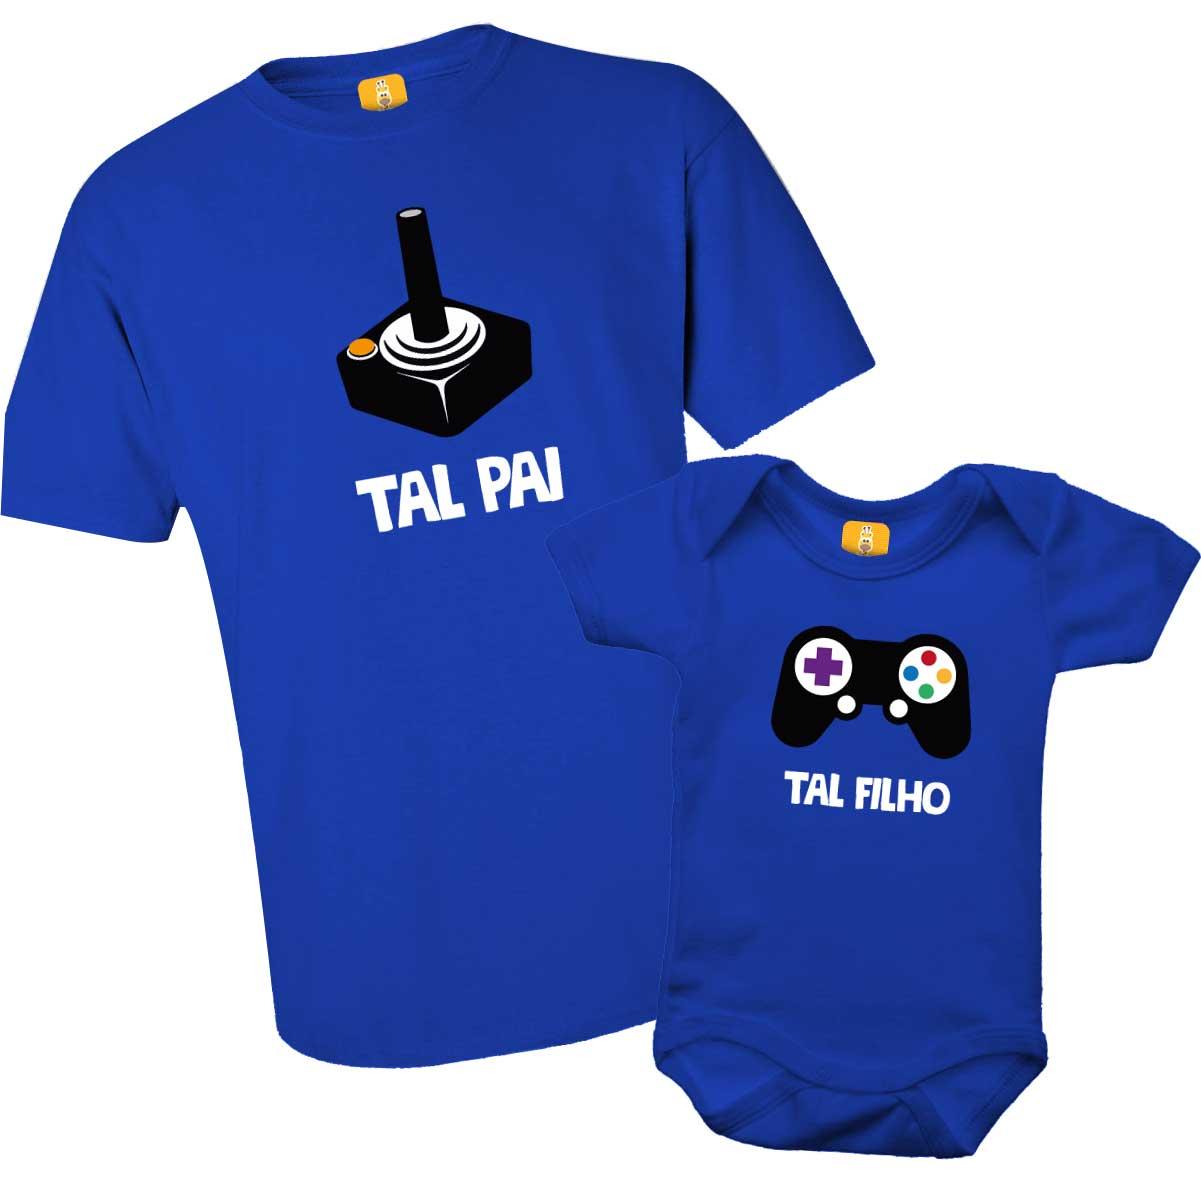 Kit camiseta Tal pai Tal filho Joystick